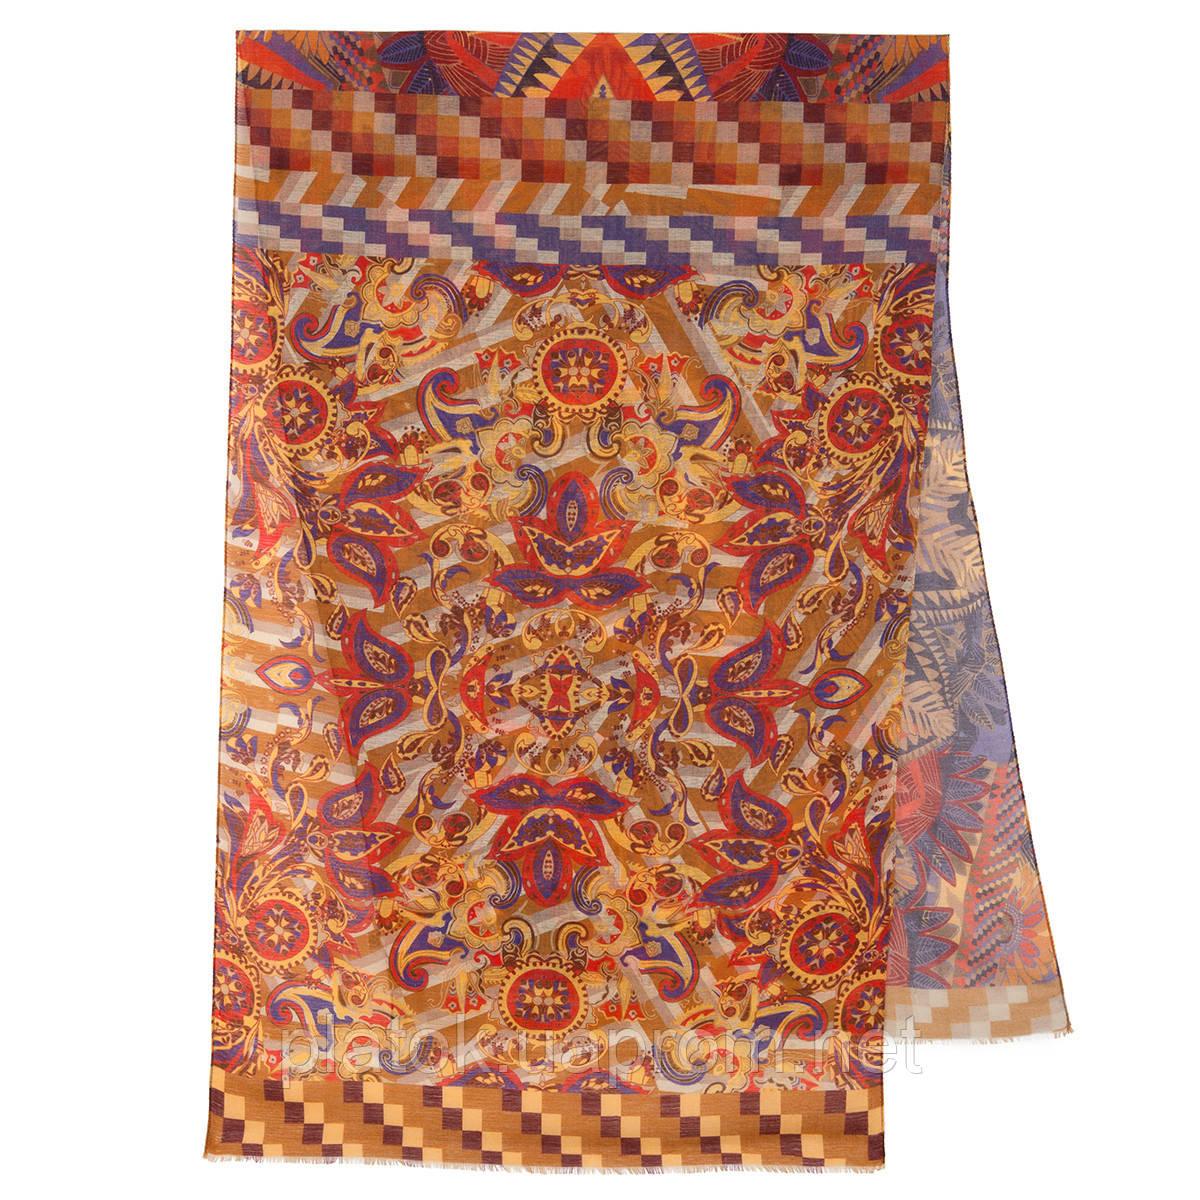 Палантин шерстяной 10530-2, павлопосадский шарф-палантин шерстяной (разреженная шерсть) с осыпкой